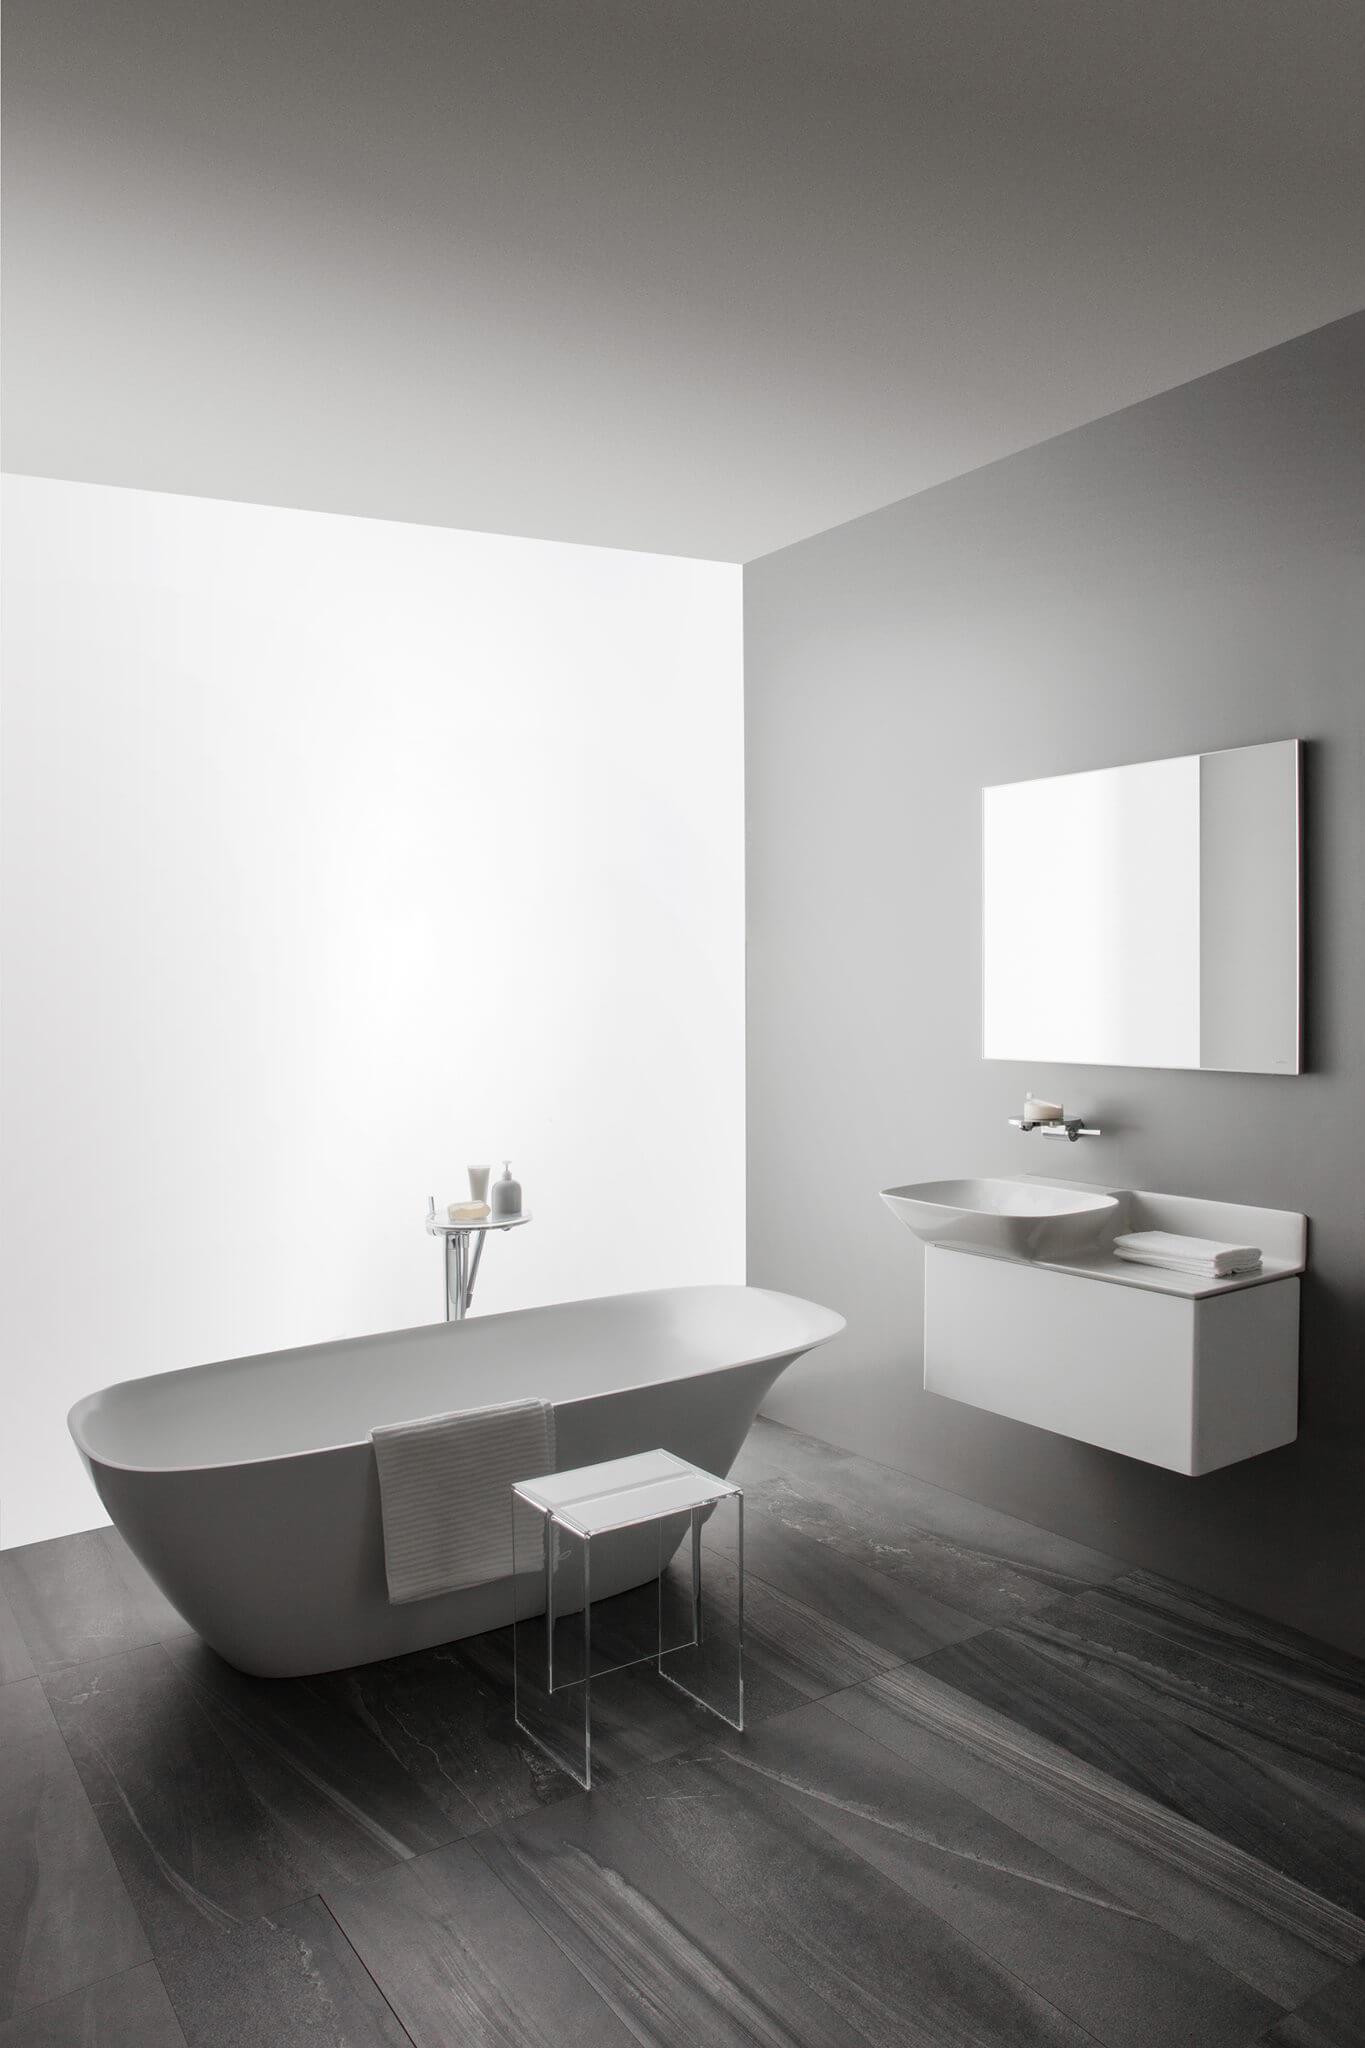 Die filigran geschwungene Badewanne aus Sentec harmoniert haptisch und optisch perfekt mit den Ino Waschtischen.